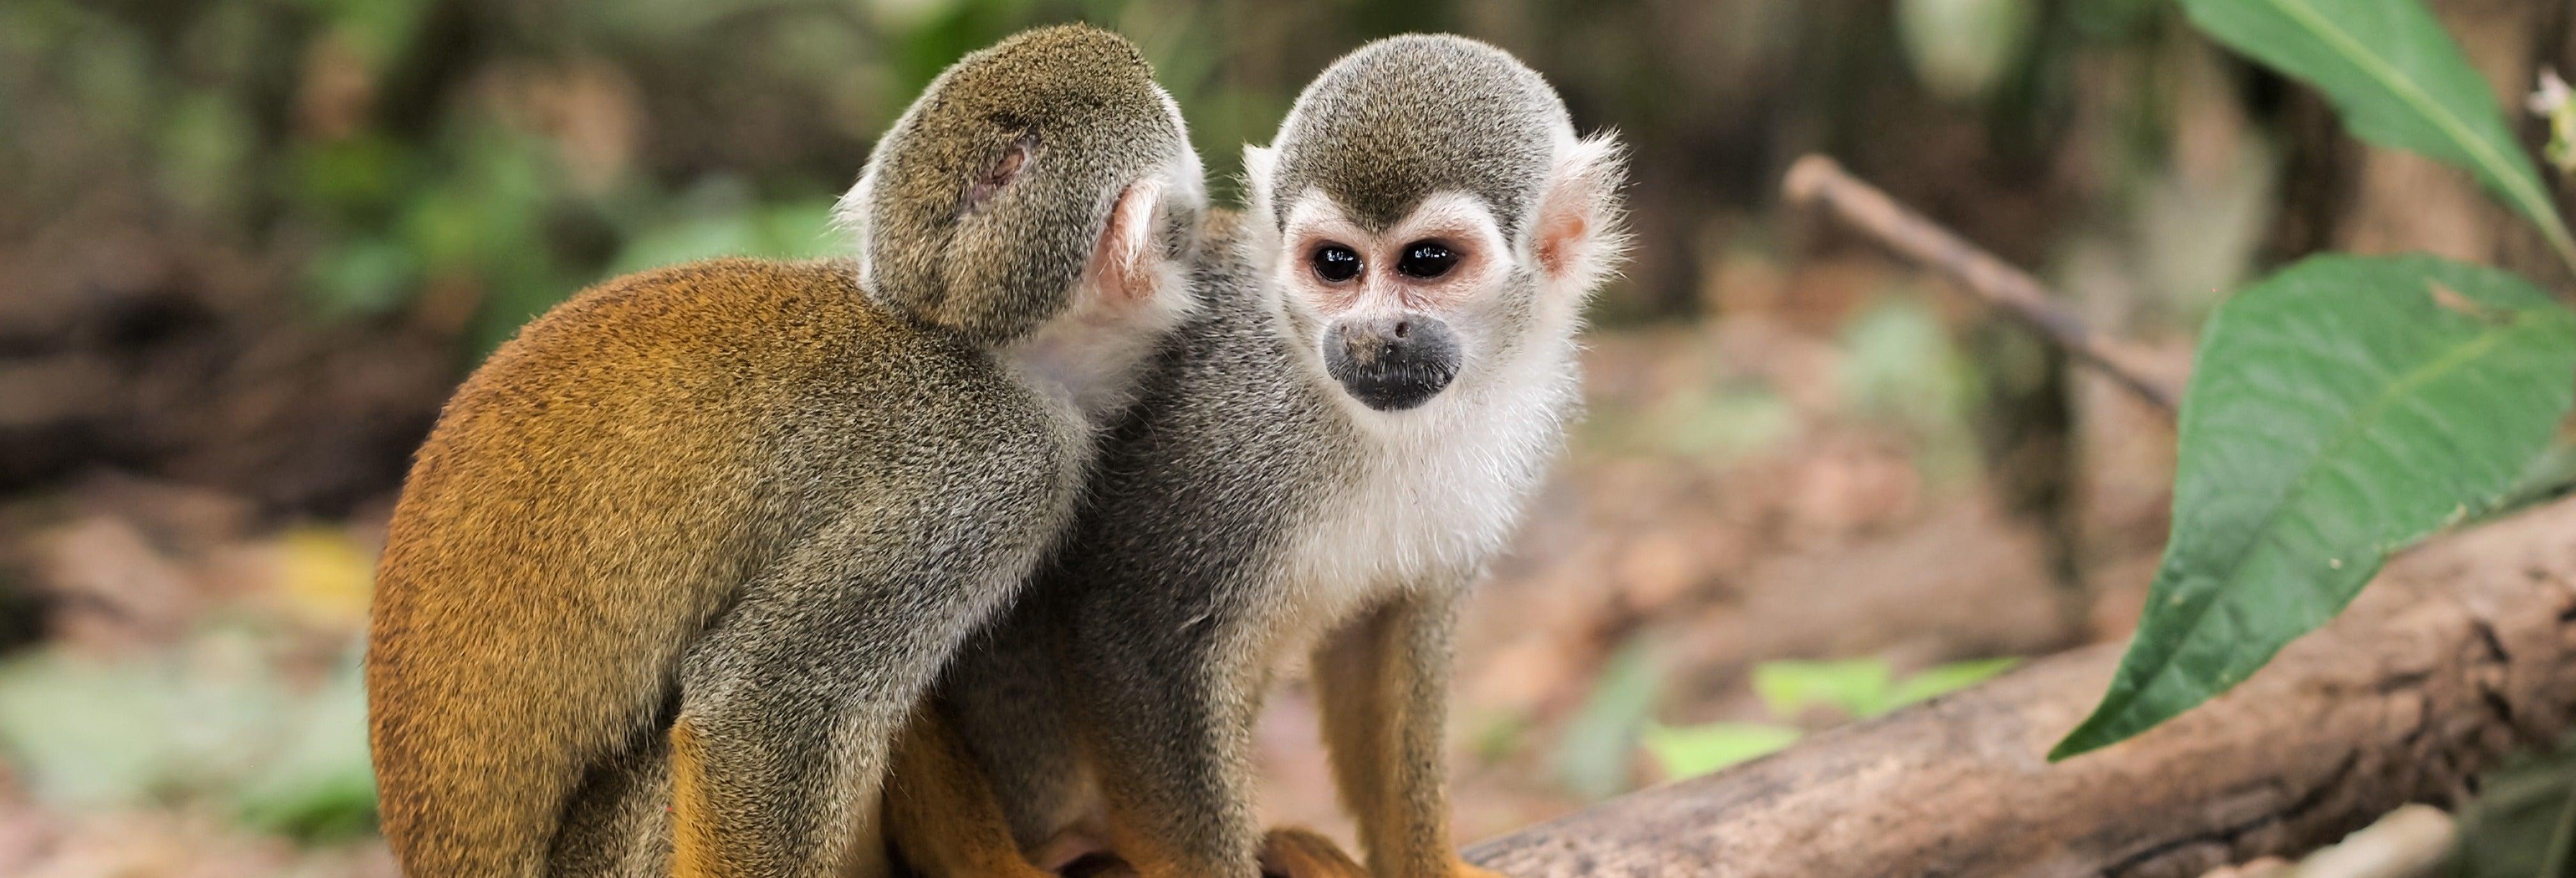 Monkey Island Amazon Adventure